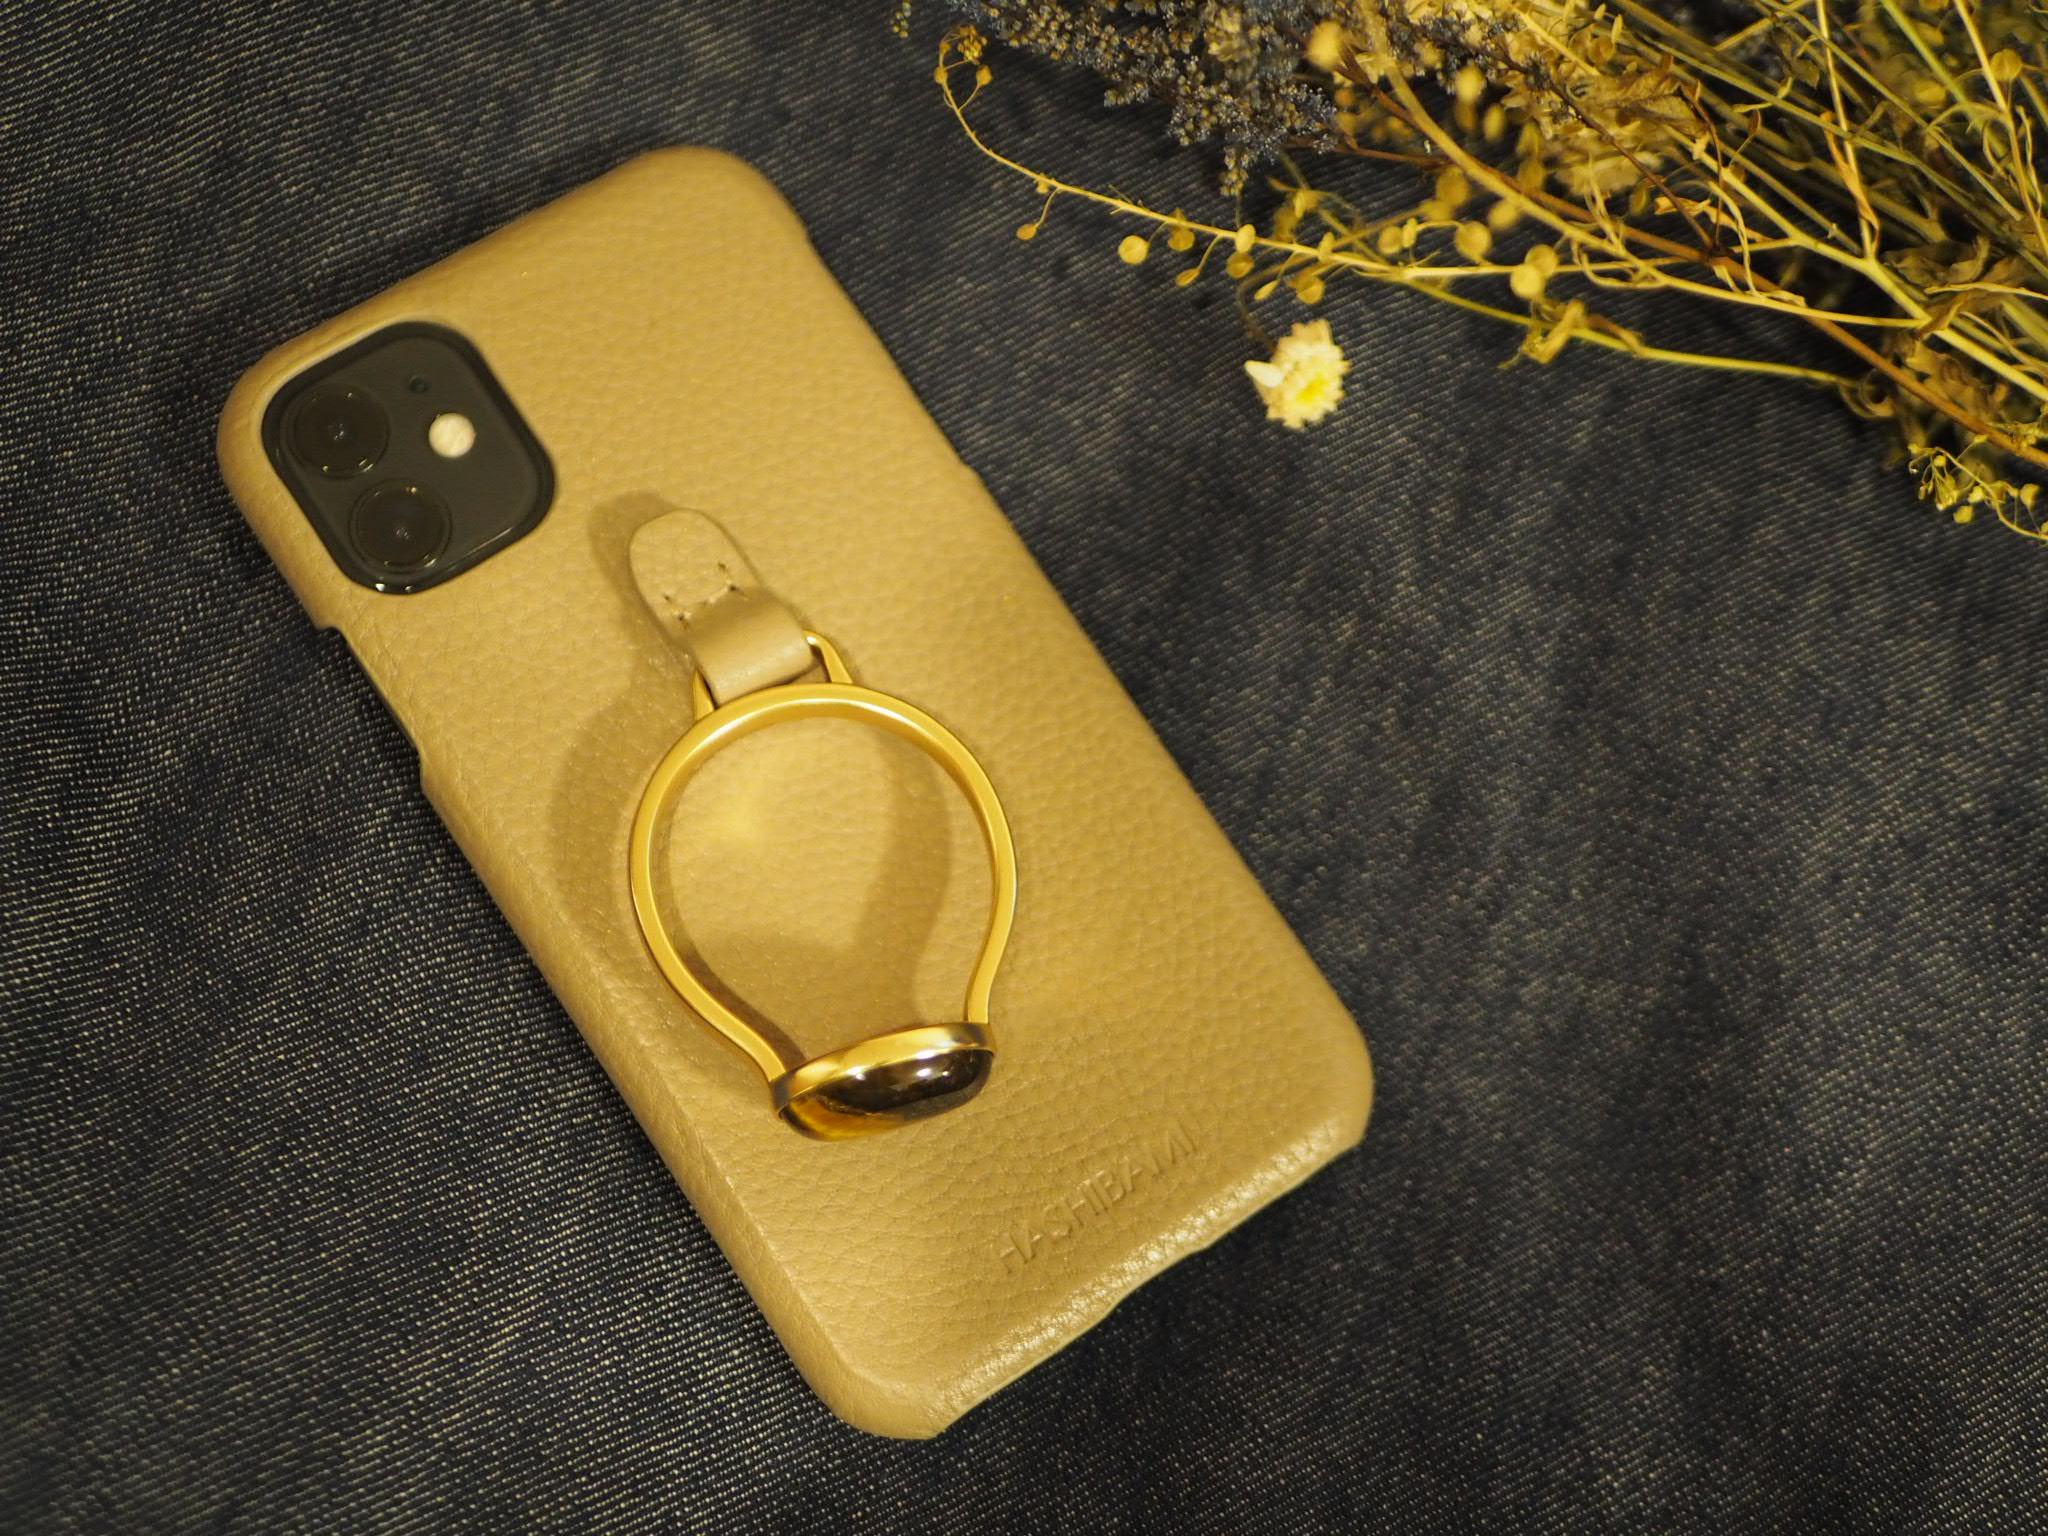 【HASHIBAMI】の《天然石ストーンリングiPhoneケース》がお洒落で可愛い♡_8